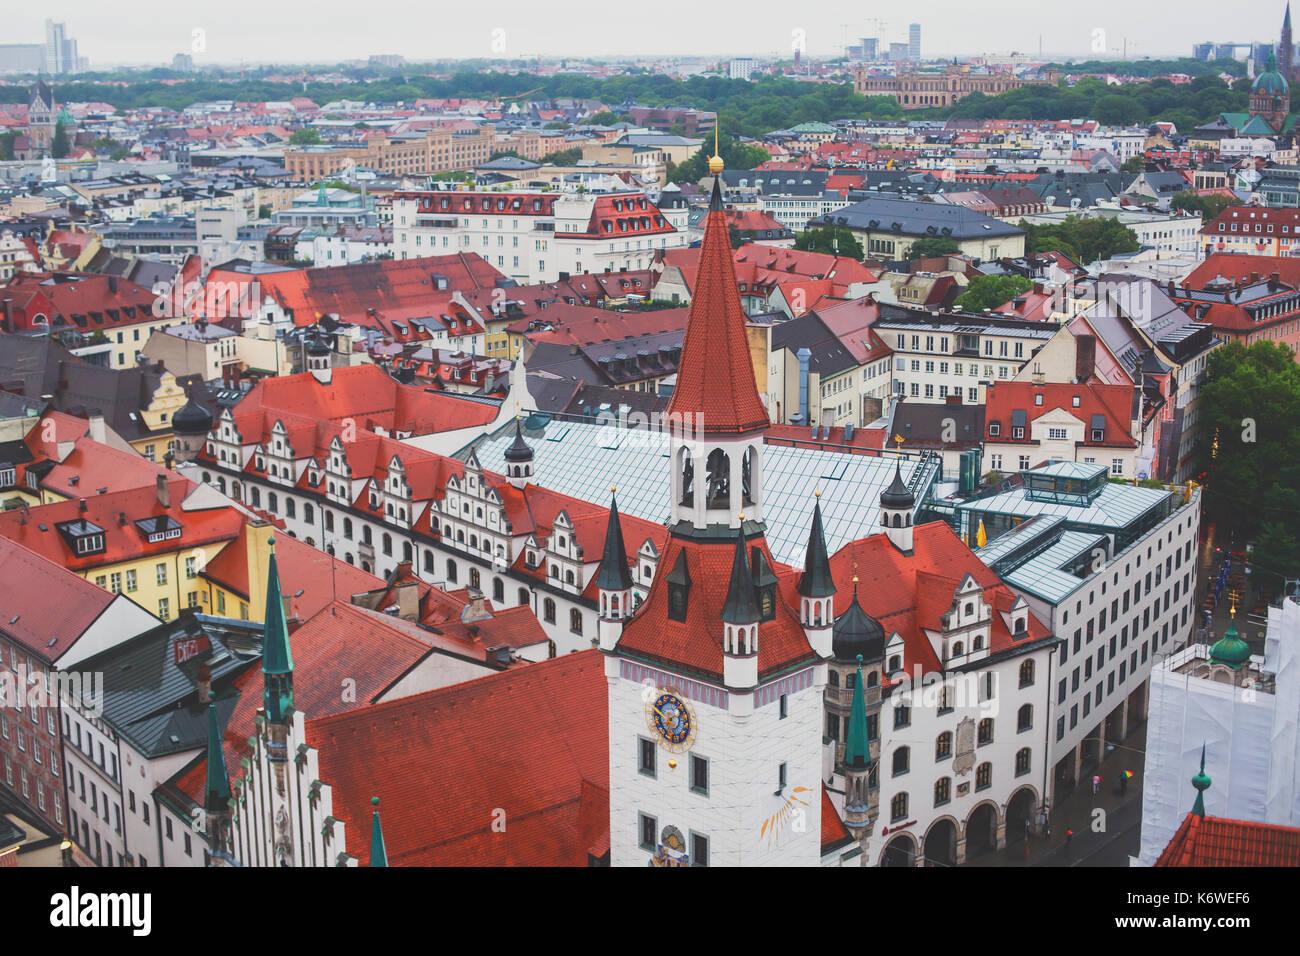 Belle ensoleillée très grand angle vue aérienne de Munich, Bayern, germany avec skyline et le paysage au-delà de la ville, vu de la hauteur Photo Stock